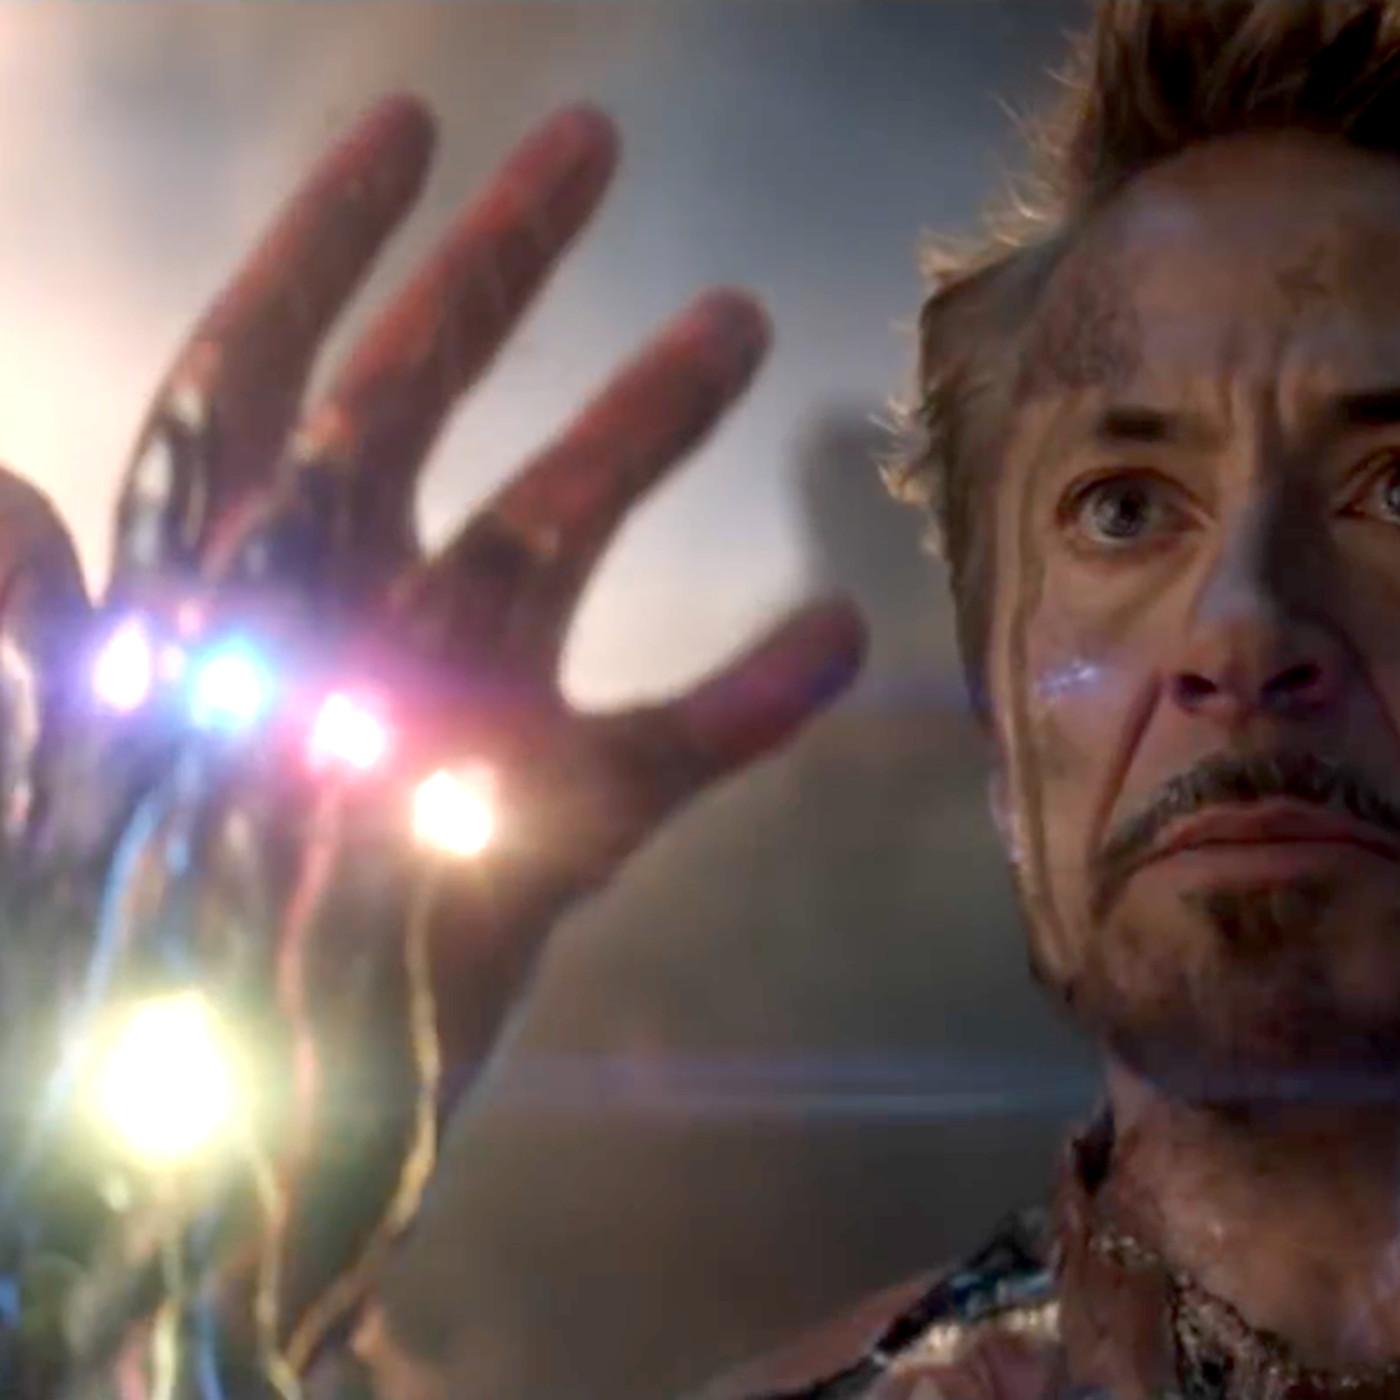 Beaches Avengers Endgame Tony S Last Words